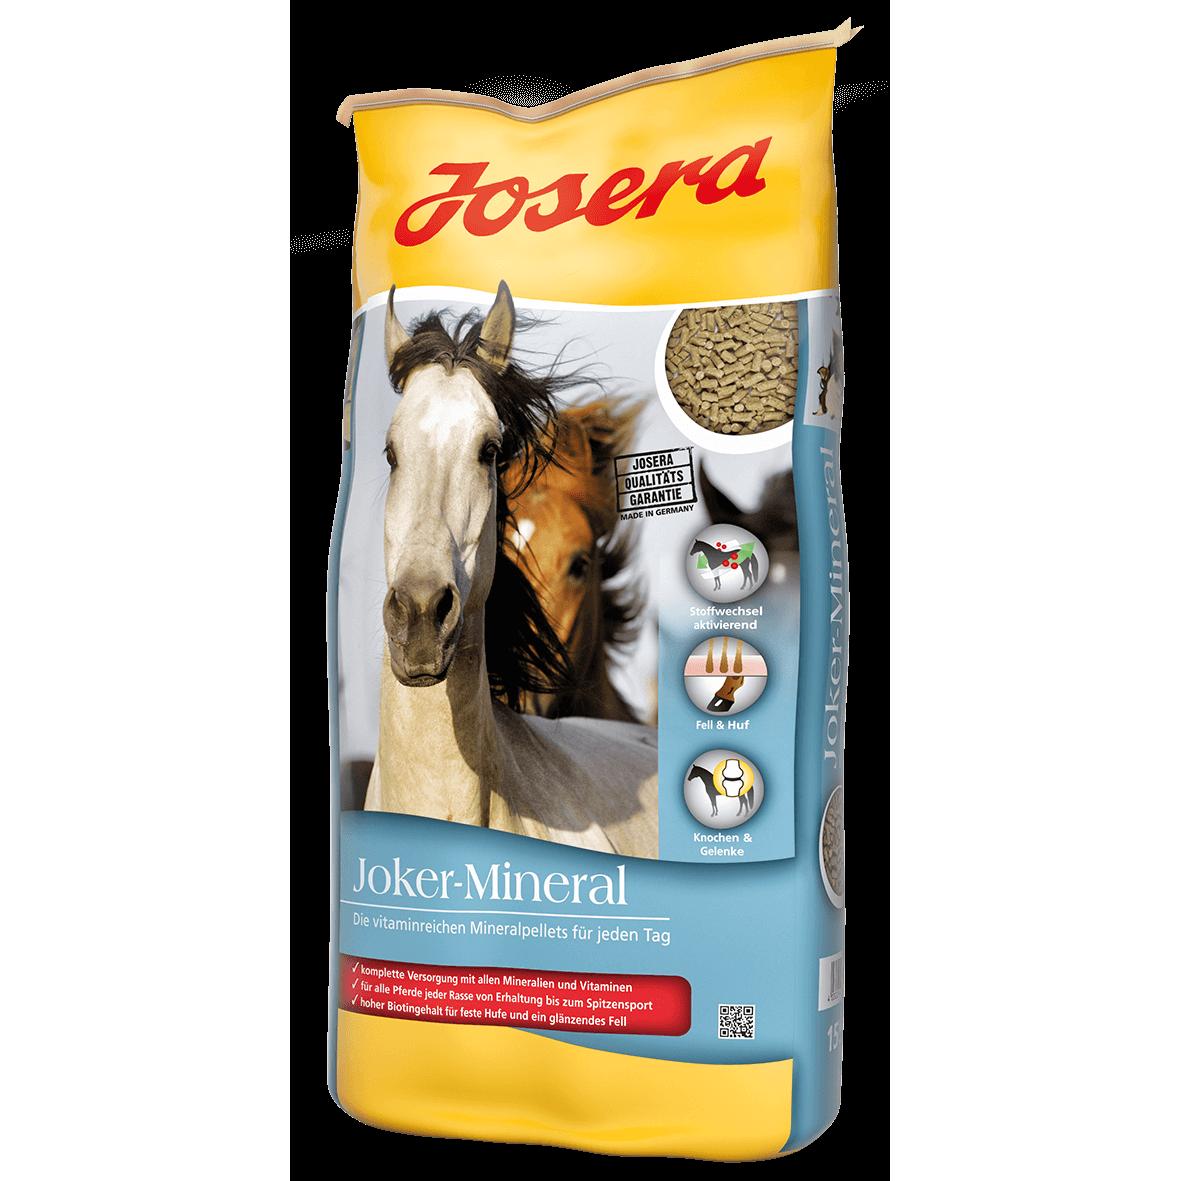 Josera Joker Mineral Pferdefutter, 15 kg